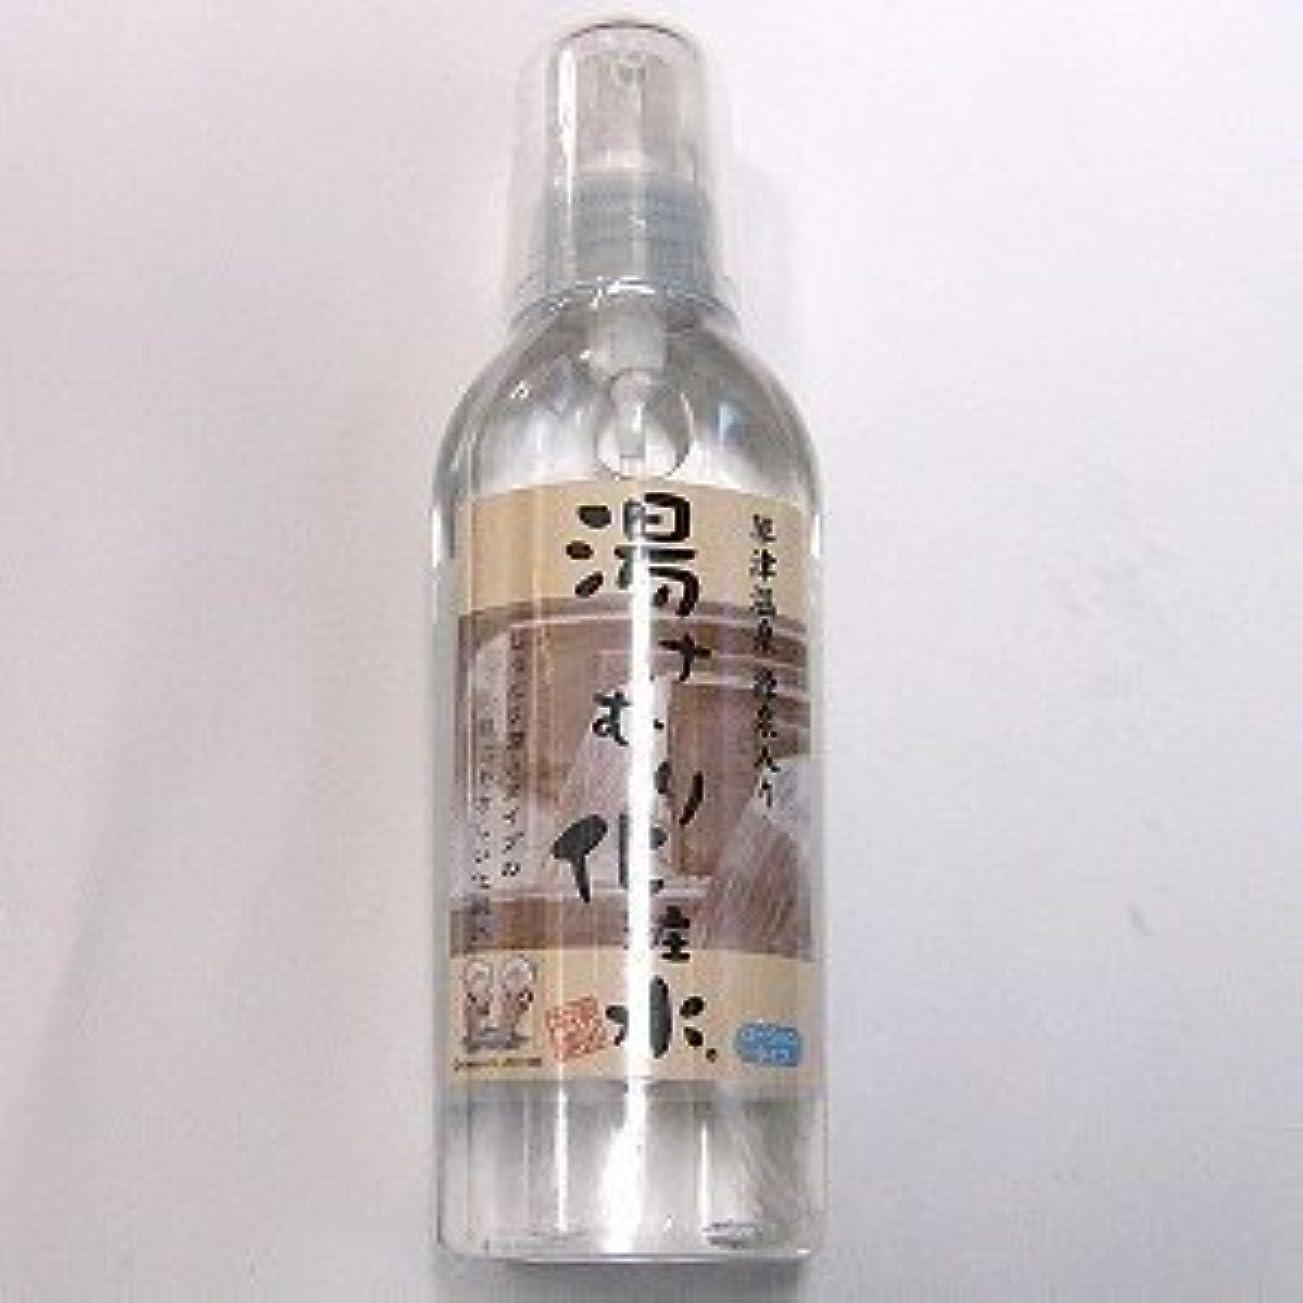 【当店限定】 湯けむり化粧水 (草津温泉の温泉入り) ローションタイプ 120ml